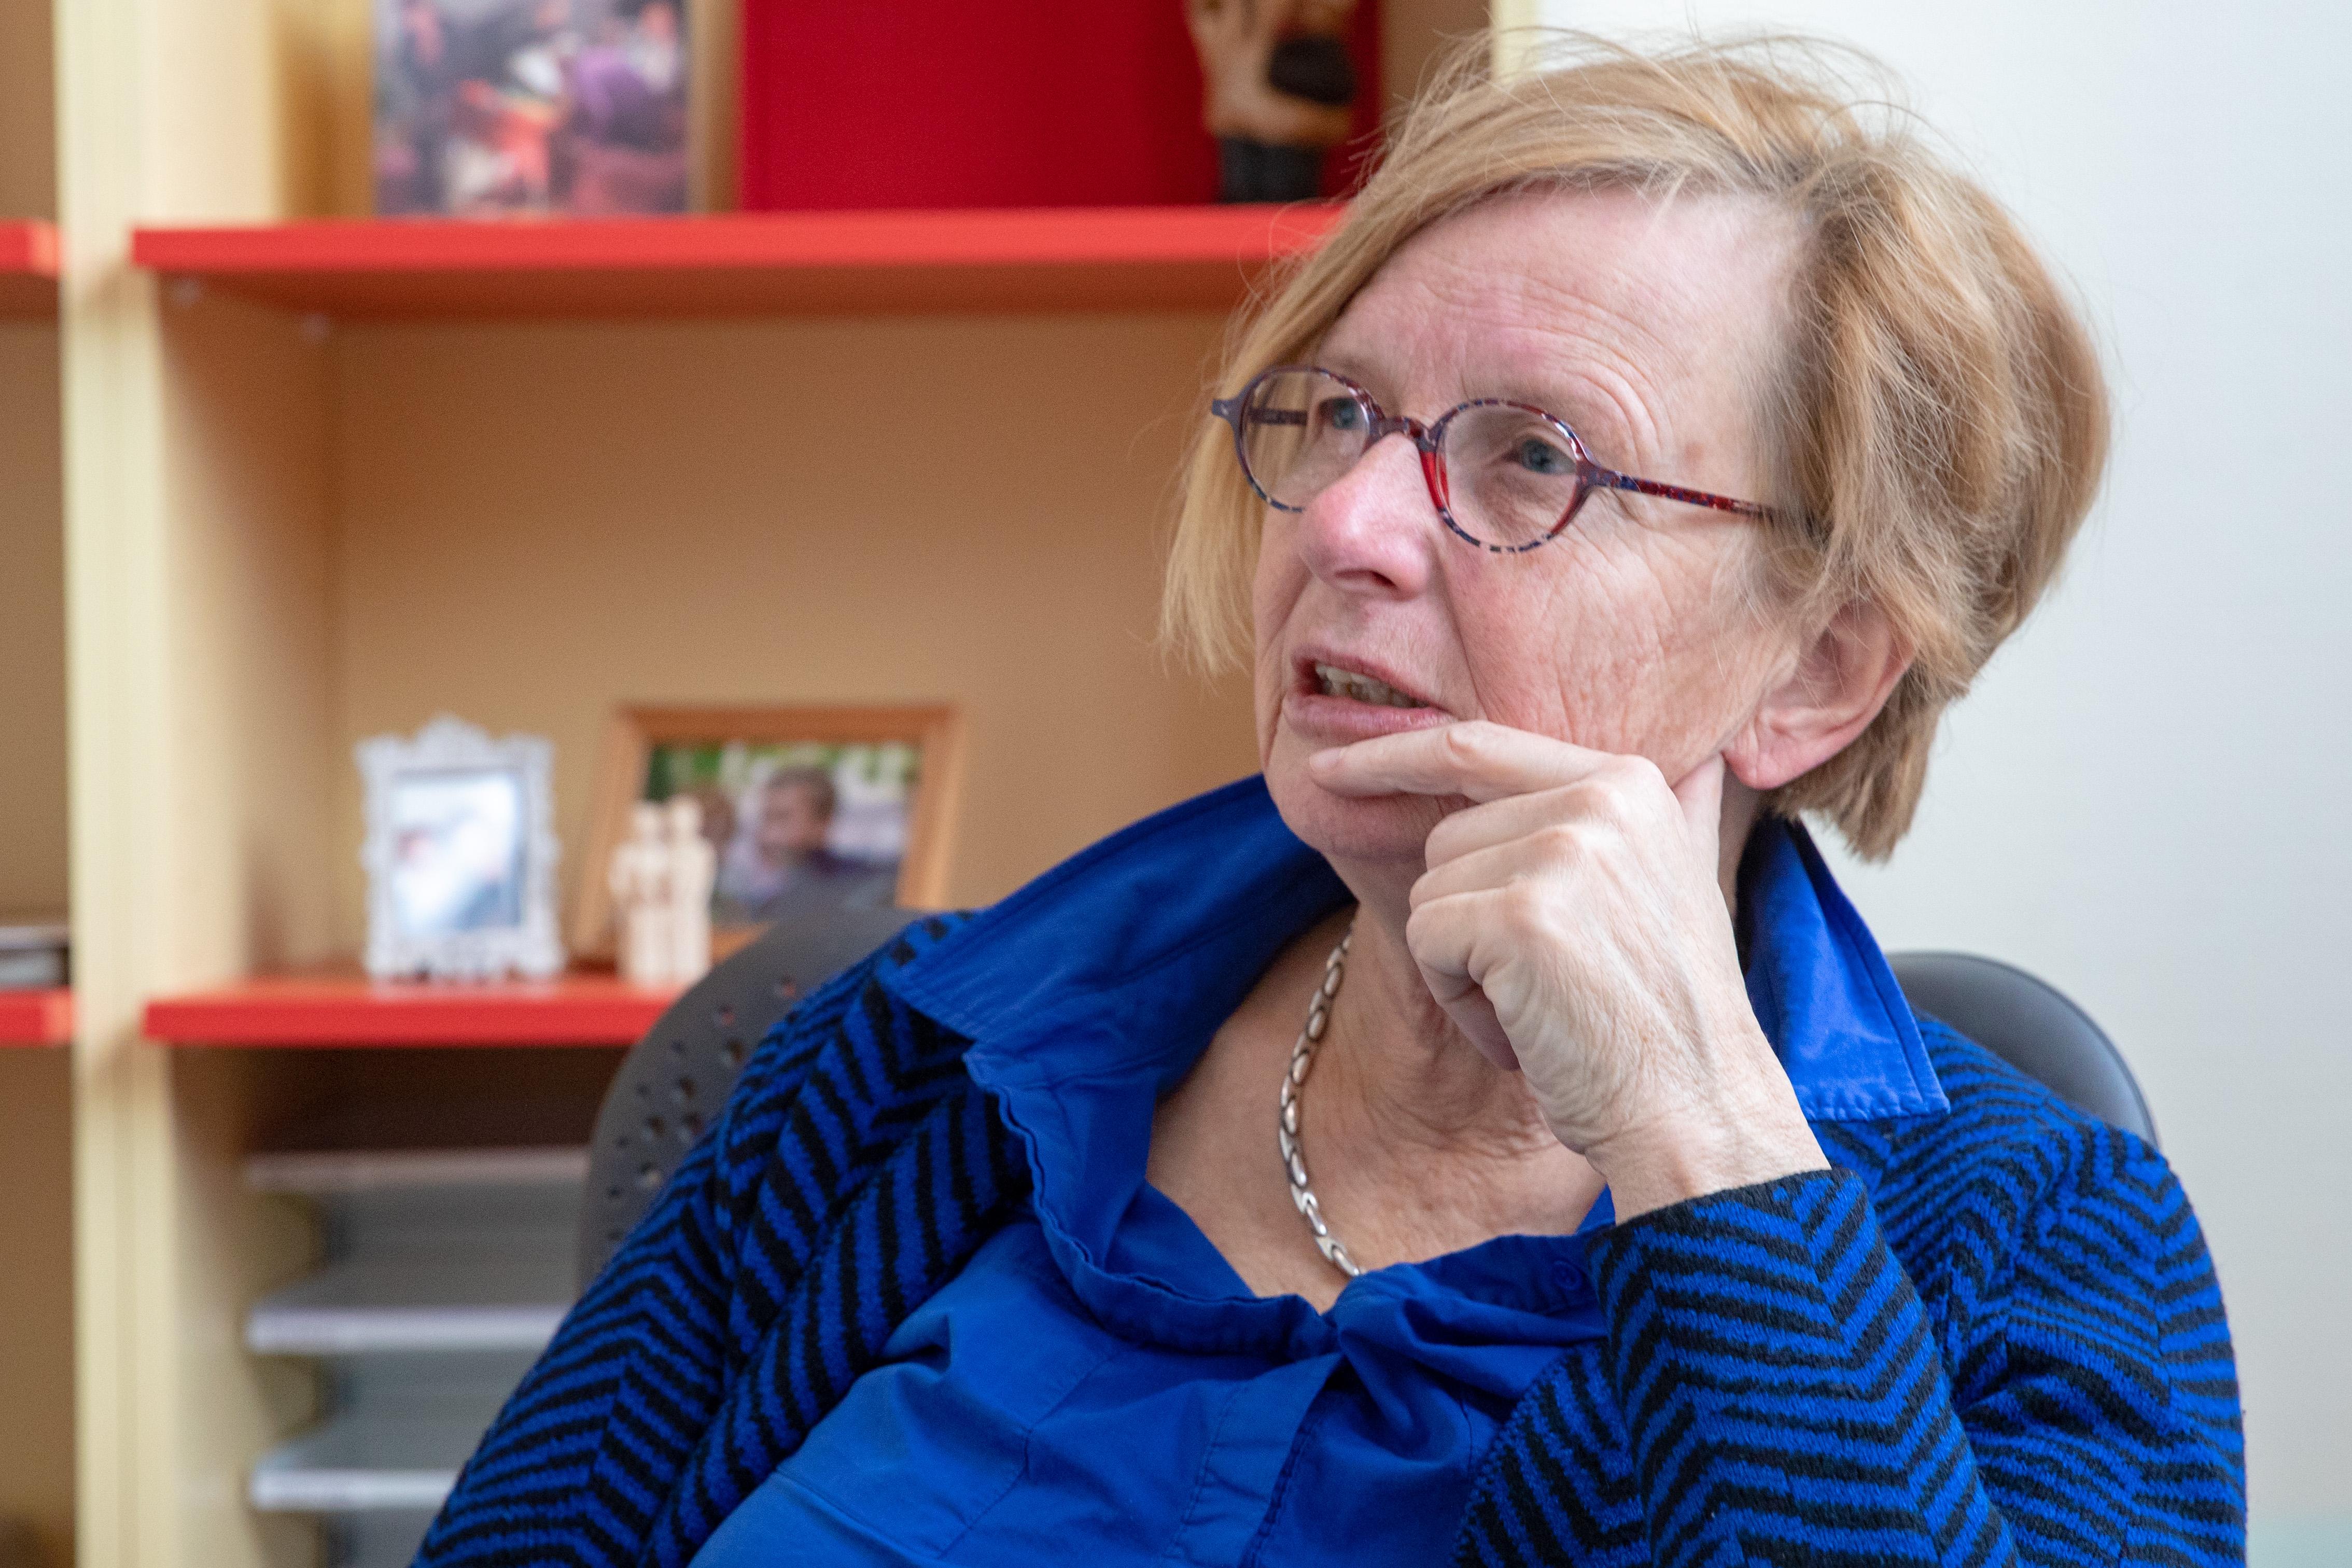 Dokter Witteveen neemt na dertig jaar lief en leed afscheid van haar patiënten. (Tekst: Marsha Bakker / Foto: Vincent de Vries/ RM) rodi.nl © rodi